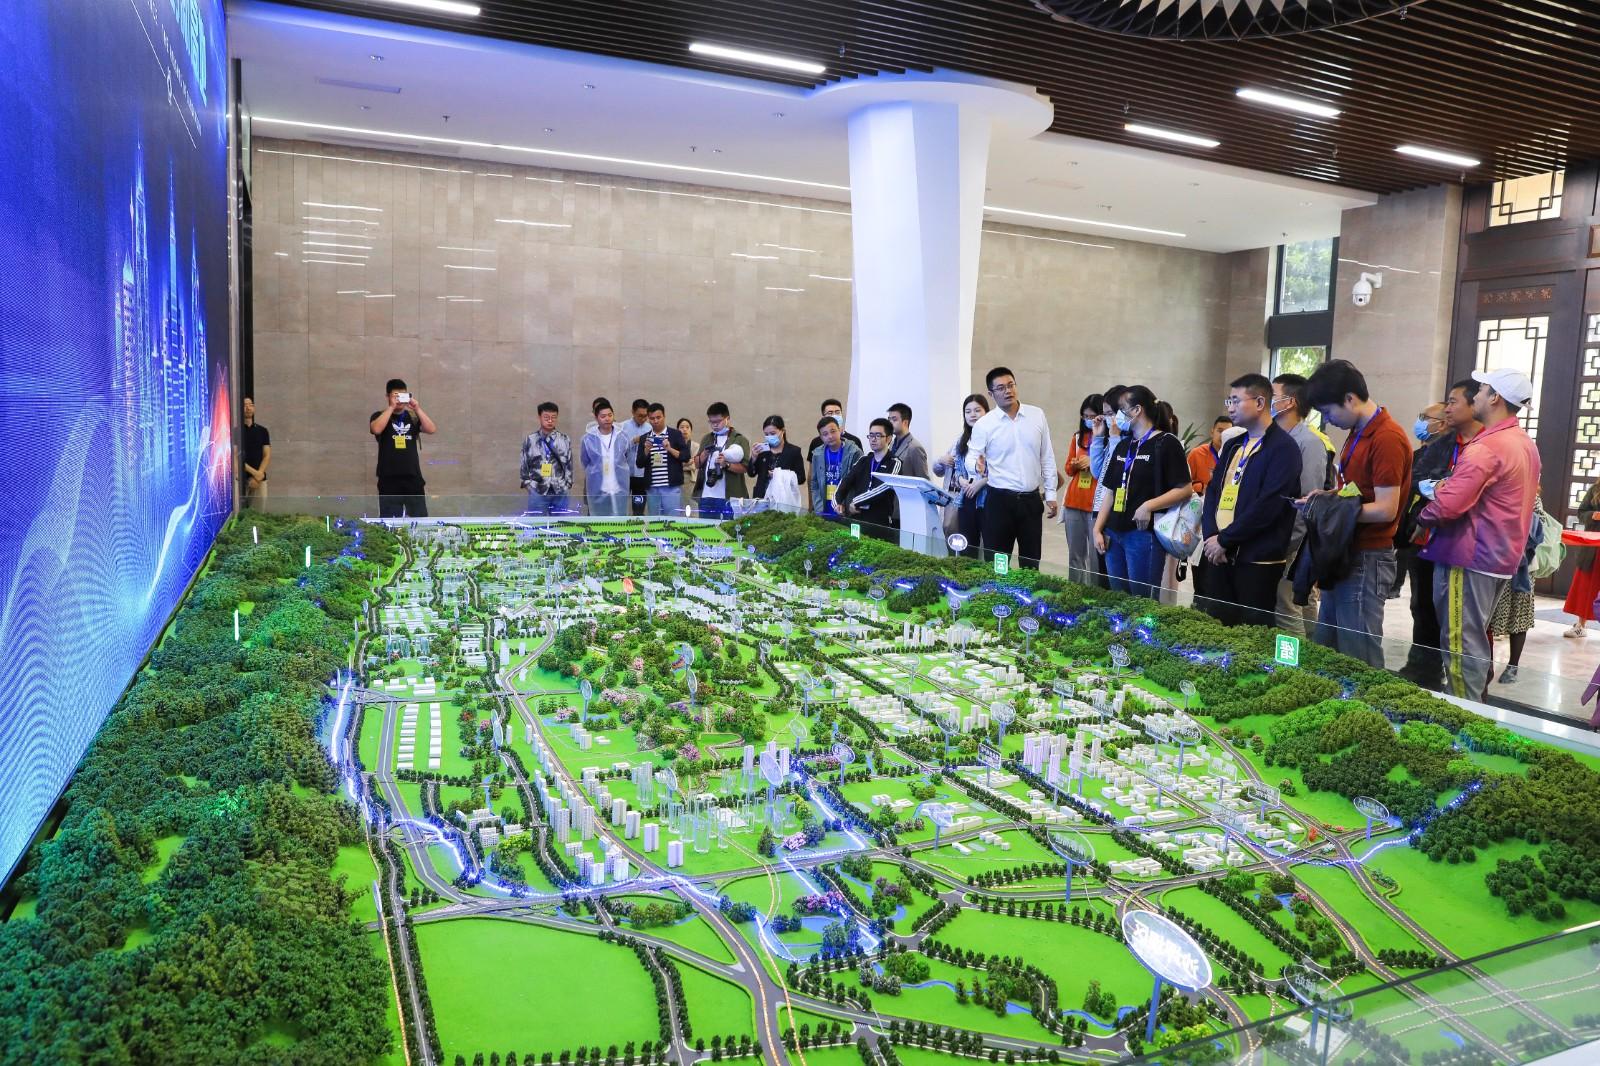 产业集群、筑巢引凤 重庆开启科学城建设 打造科技创新高地